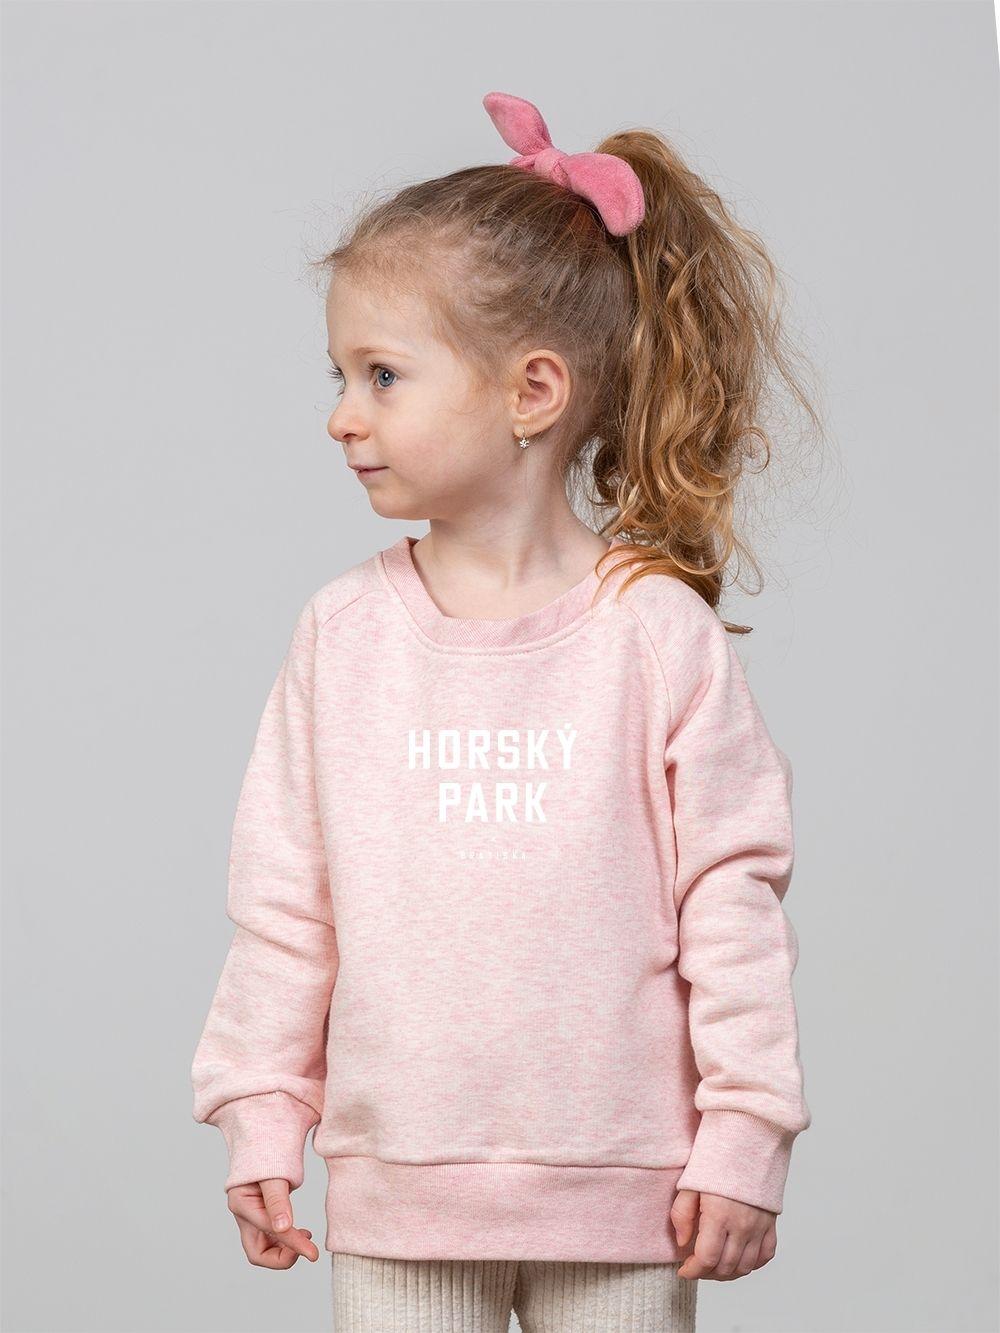 Horský Park Kids